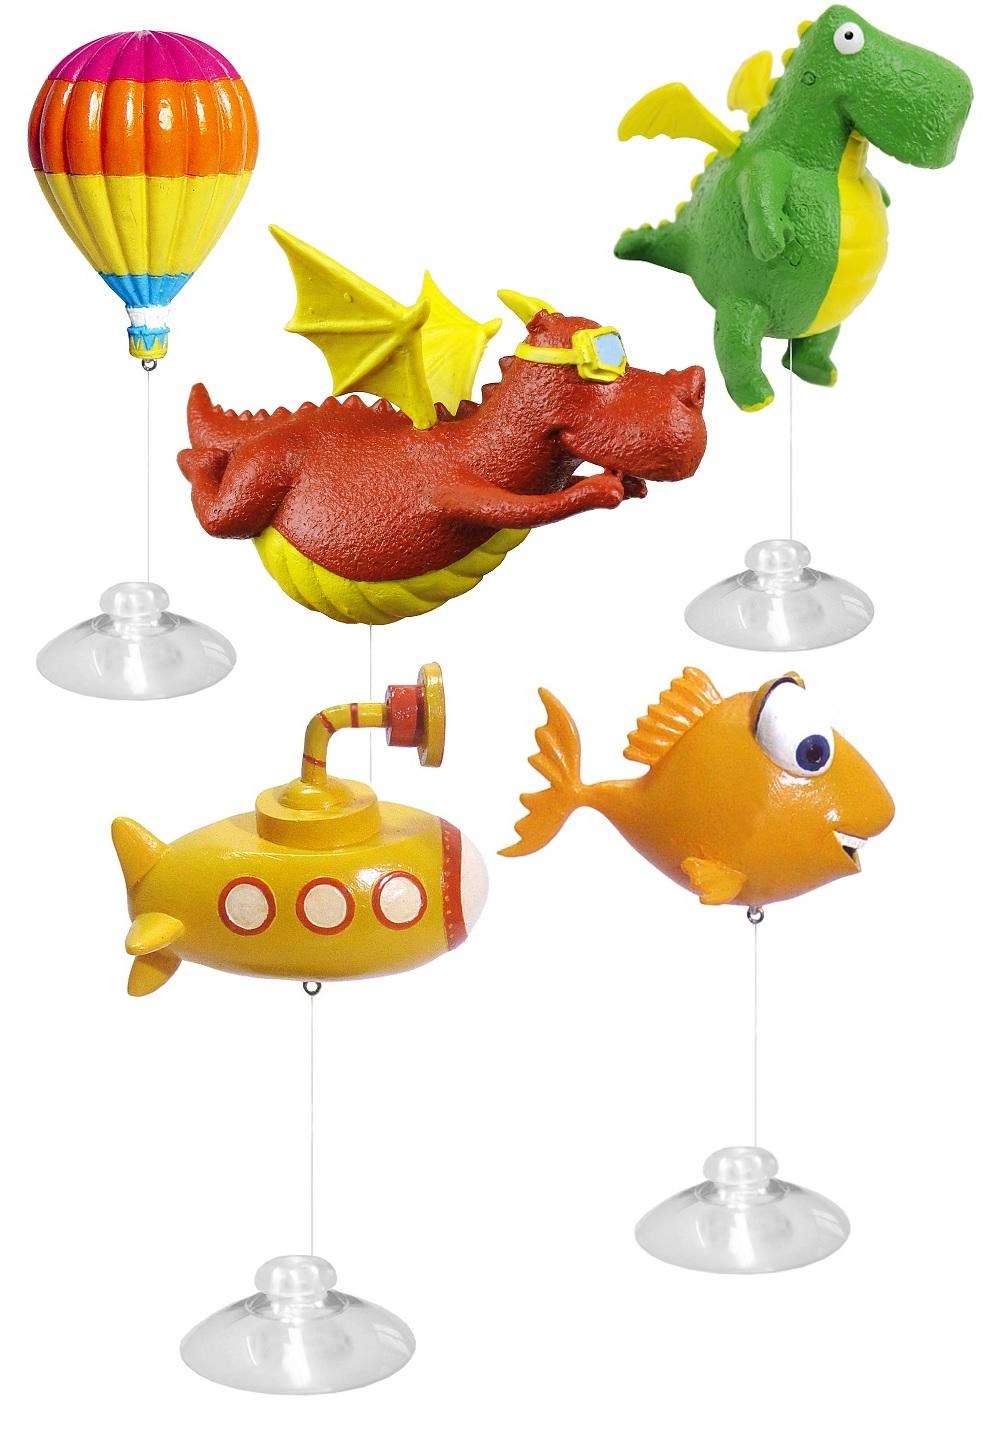 Прайм Декорация пластиковая Игрушка-поплавок, в ассортименте, Prime